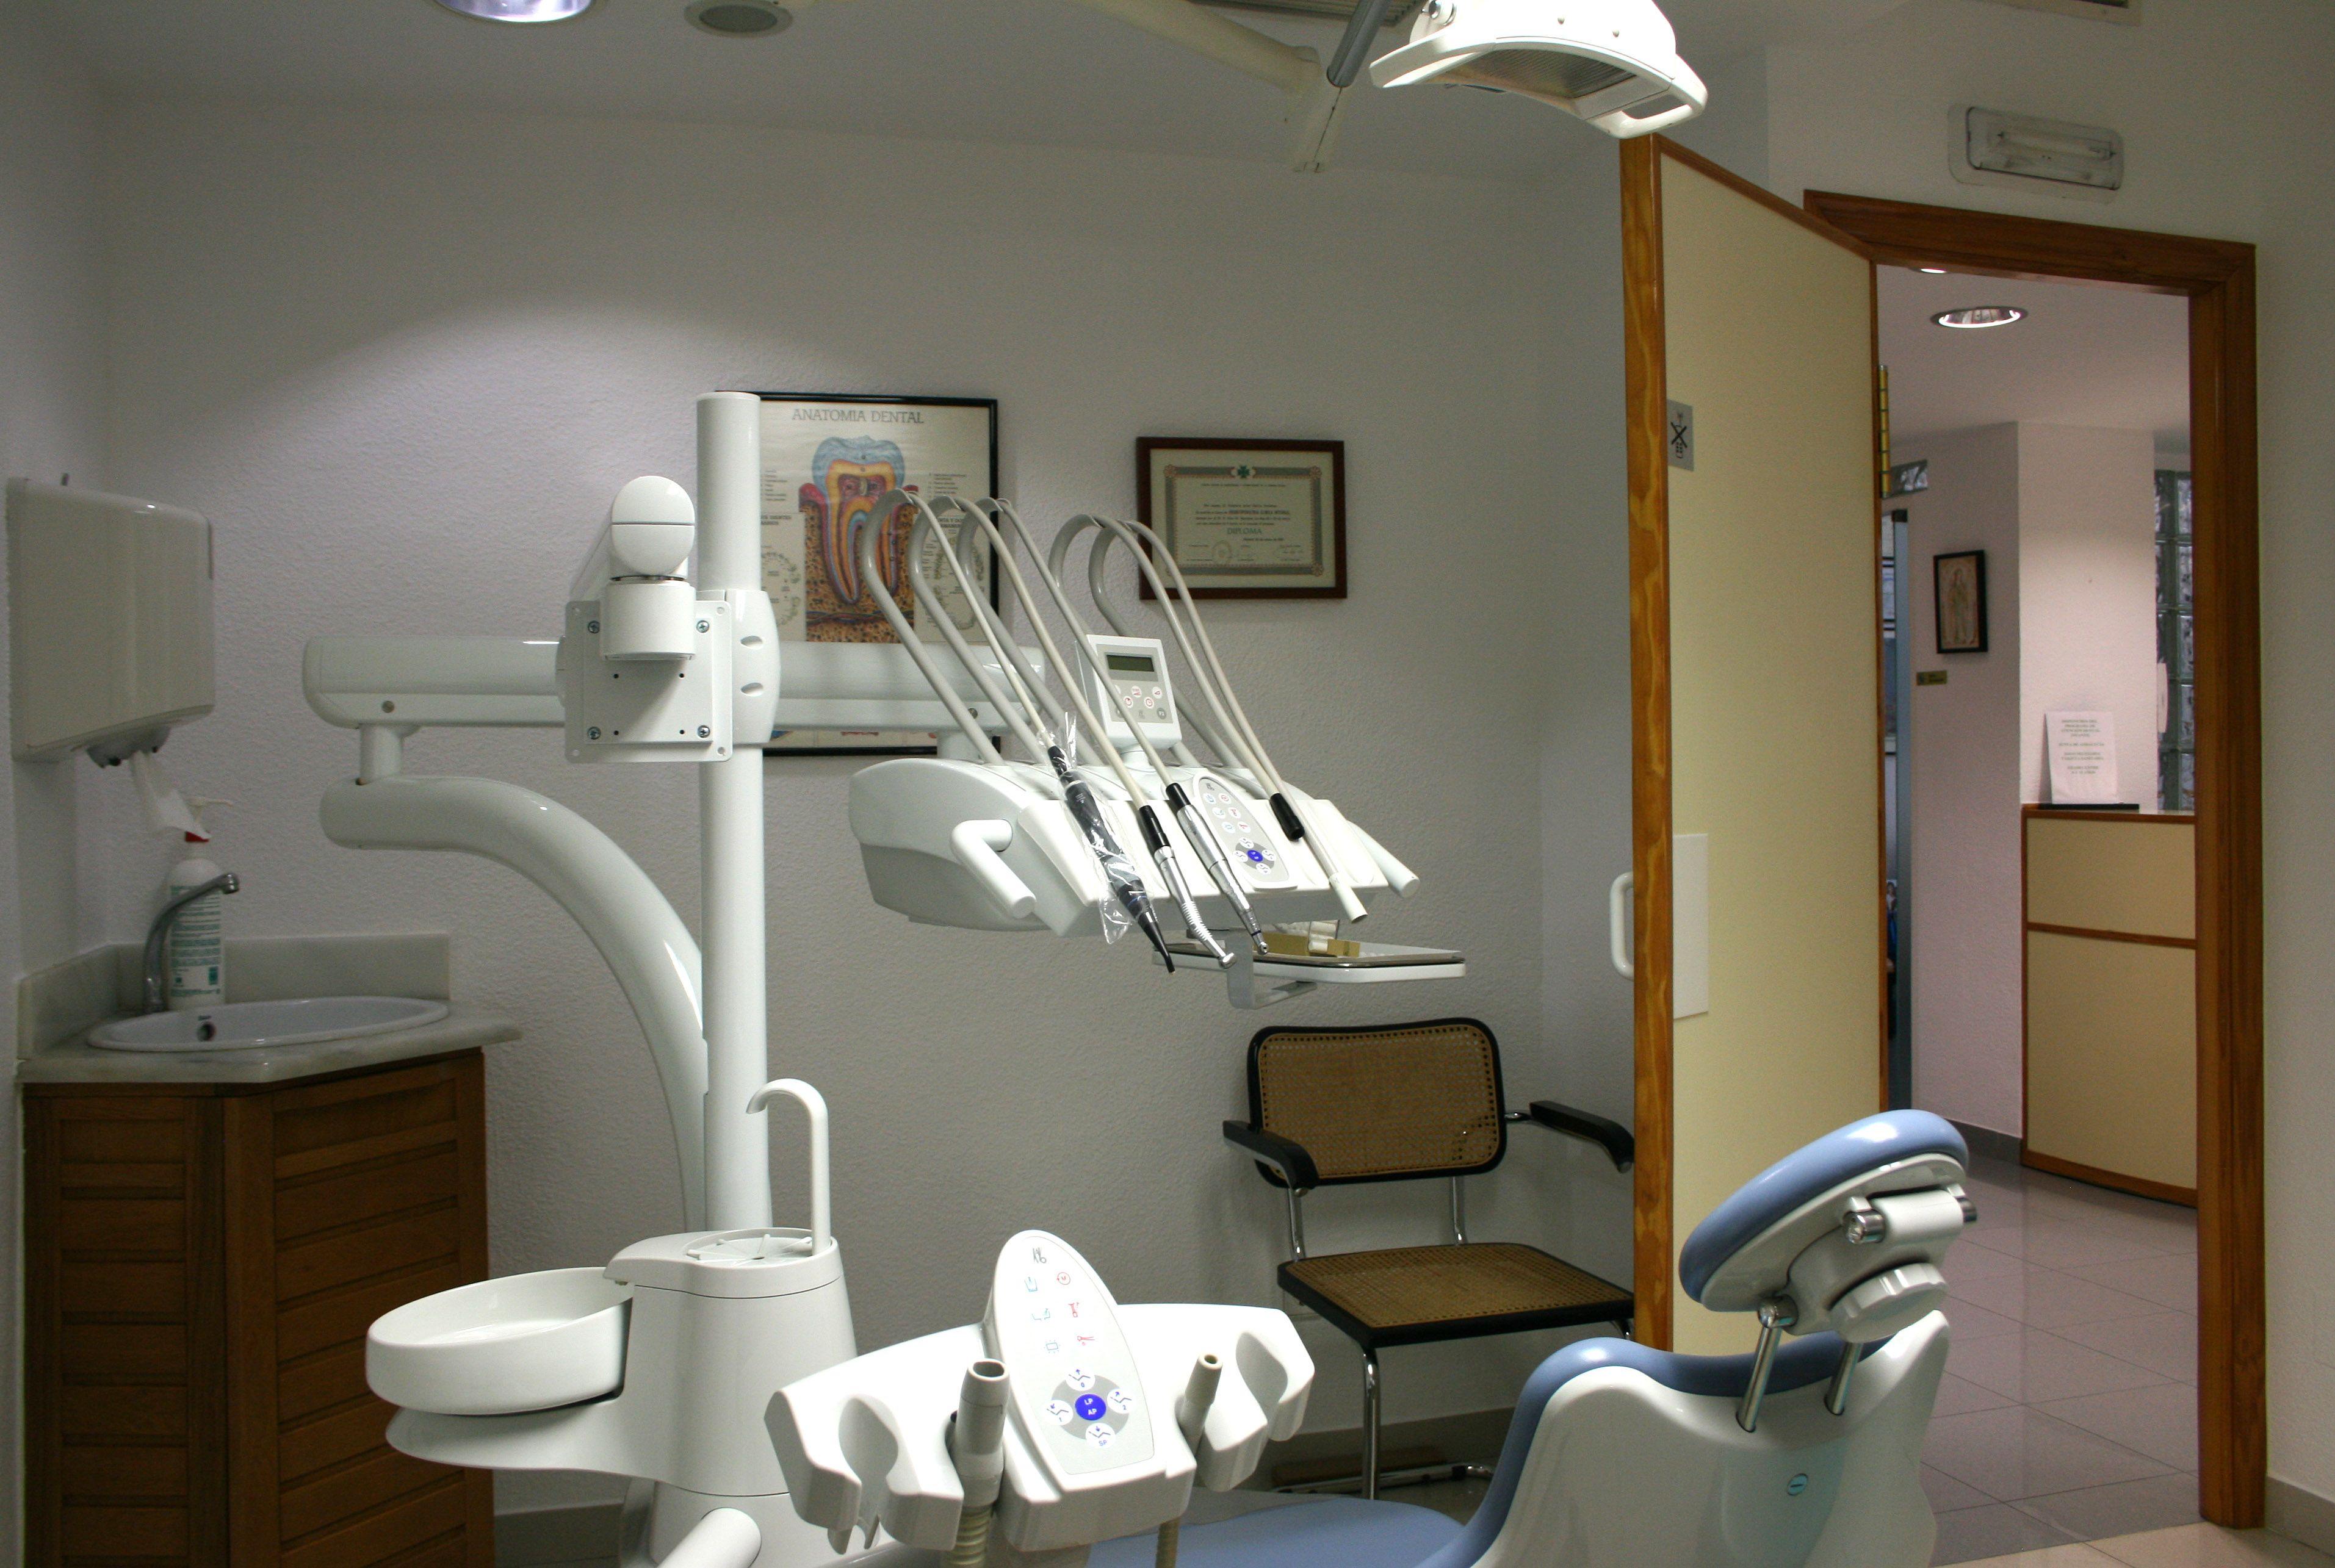 Foto 3 de Clínicas dentales en Motril | Clínica Dental Francisco Javier García Jerónimo